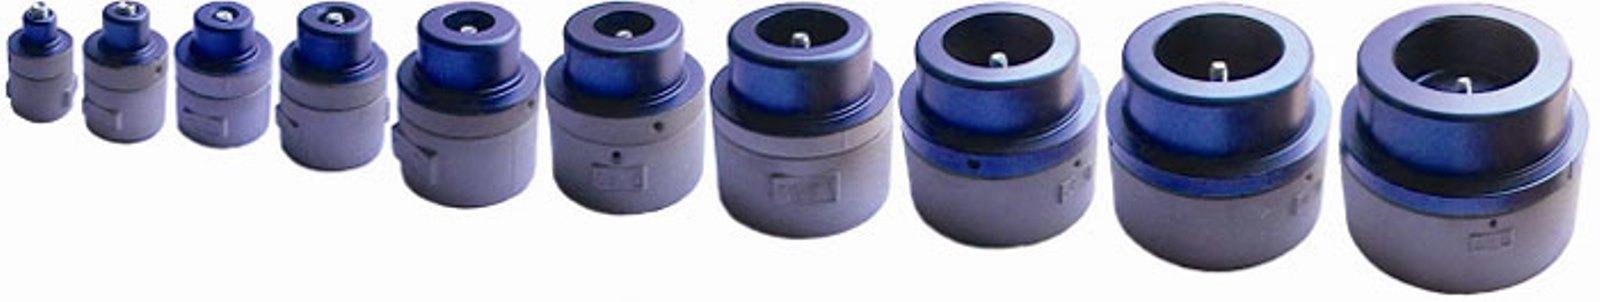 Насадка парная для аппарата для сварки труб, 20 мм. Dytron